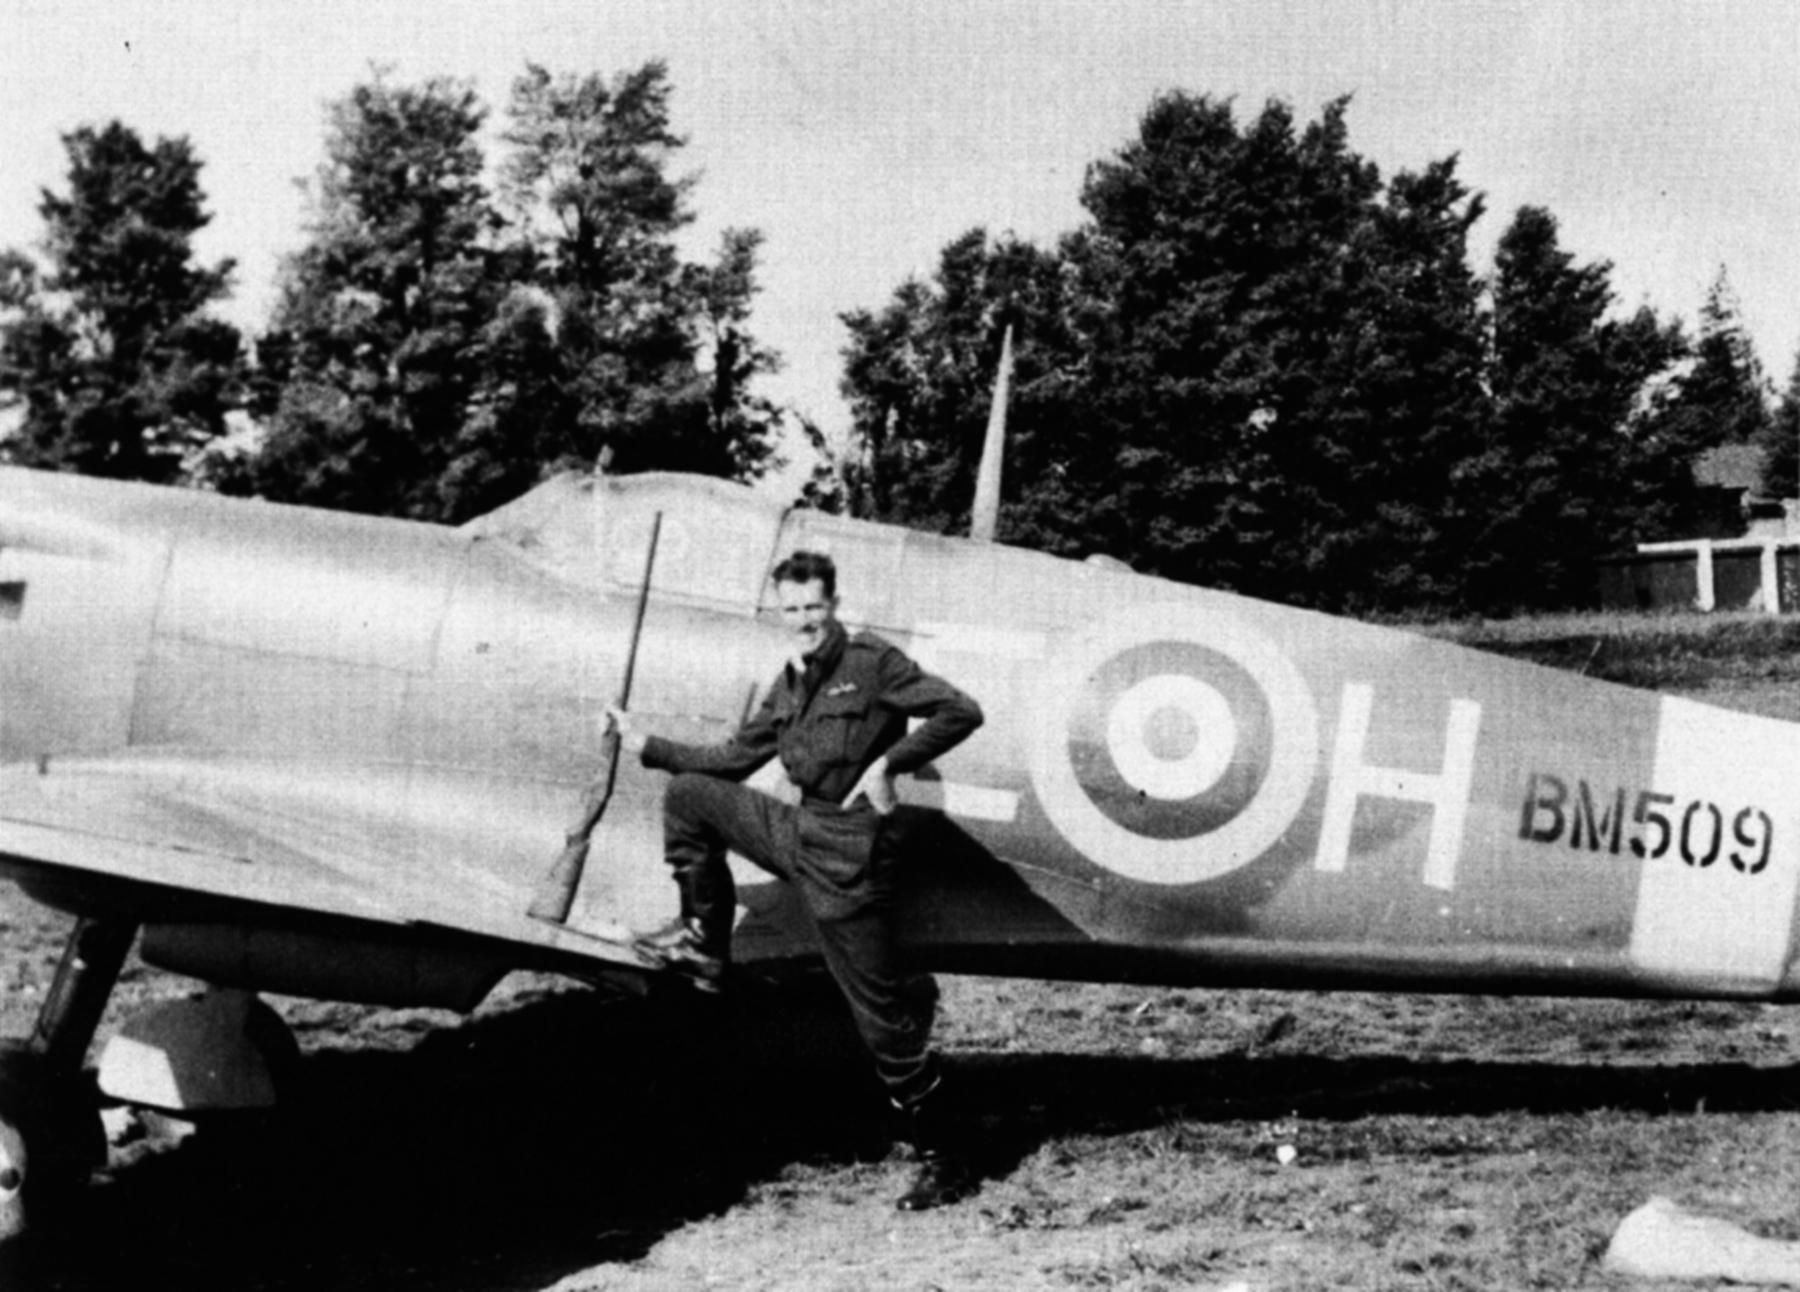 Spitfire MkVb RCAF 402Sqn AEH Harlen Fuller BM509 May 1942 01